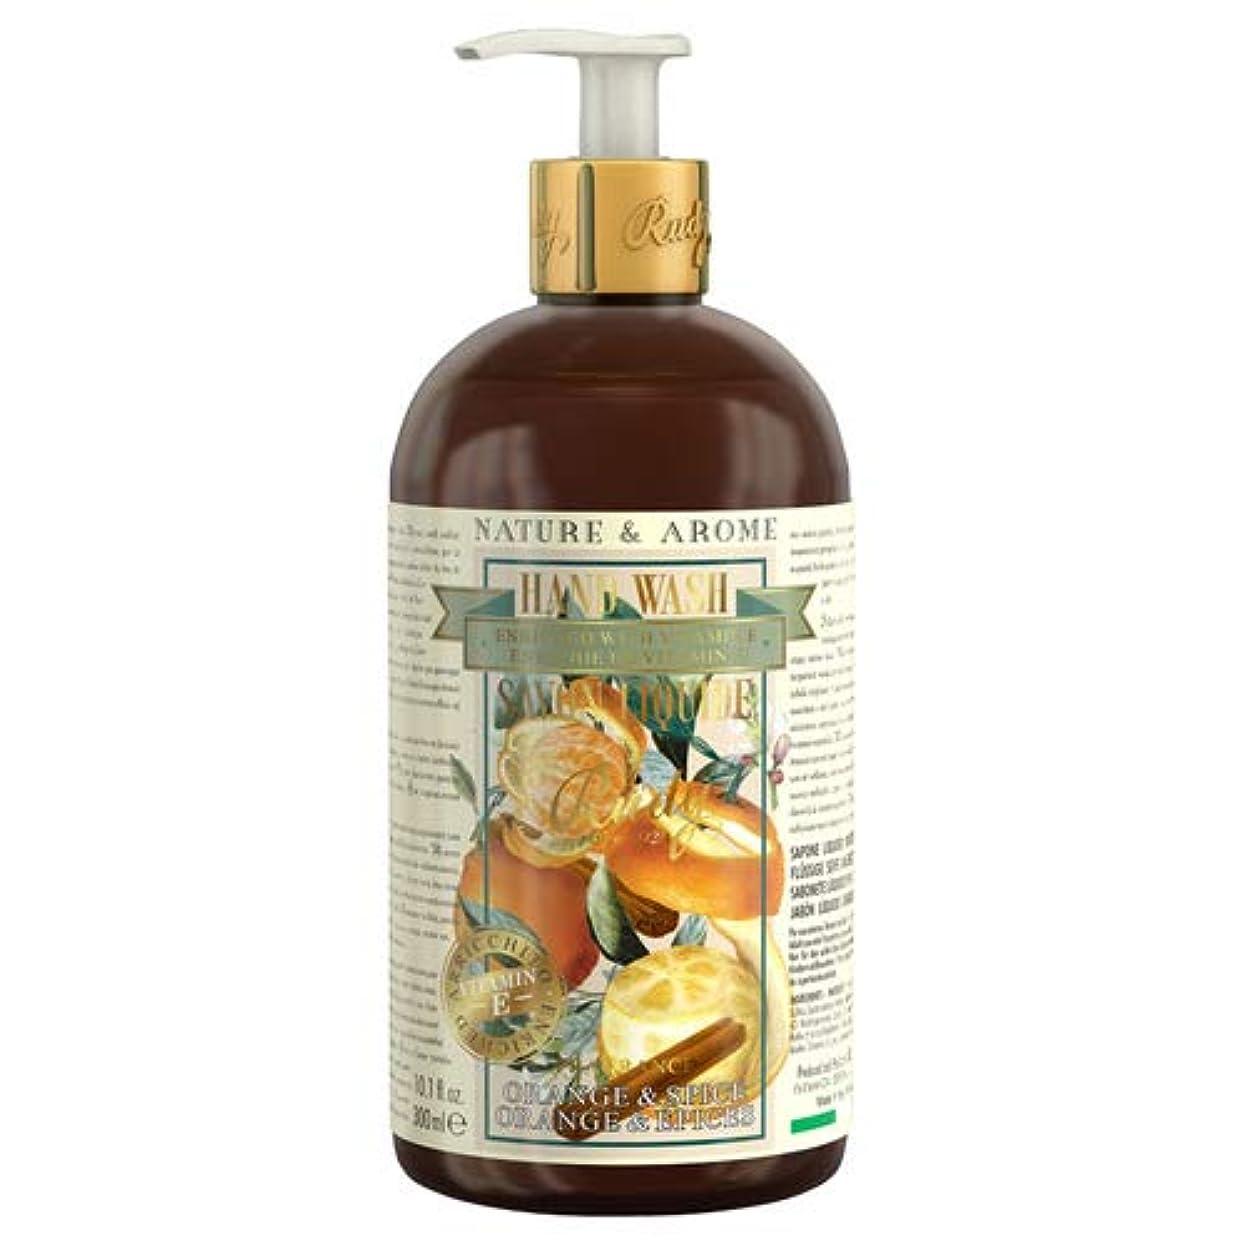 形容詞大型トラック下るRUDY Nature&Arome Apothecary ネイチャーアロマ アポセカリー Hand Wash ハンドウォッシュ(ボディソープ) Orange & Spice オレンジ&スパイス